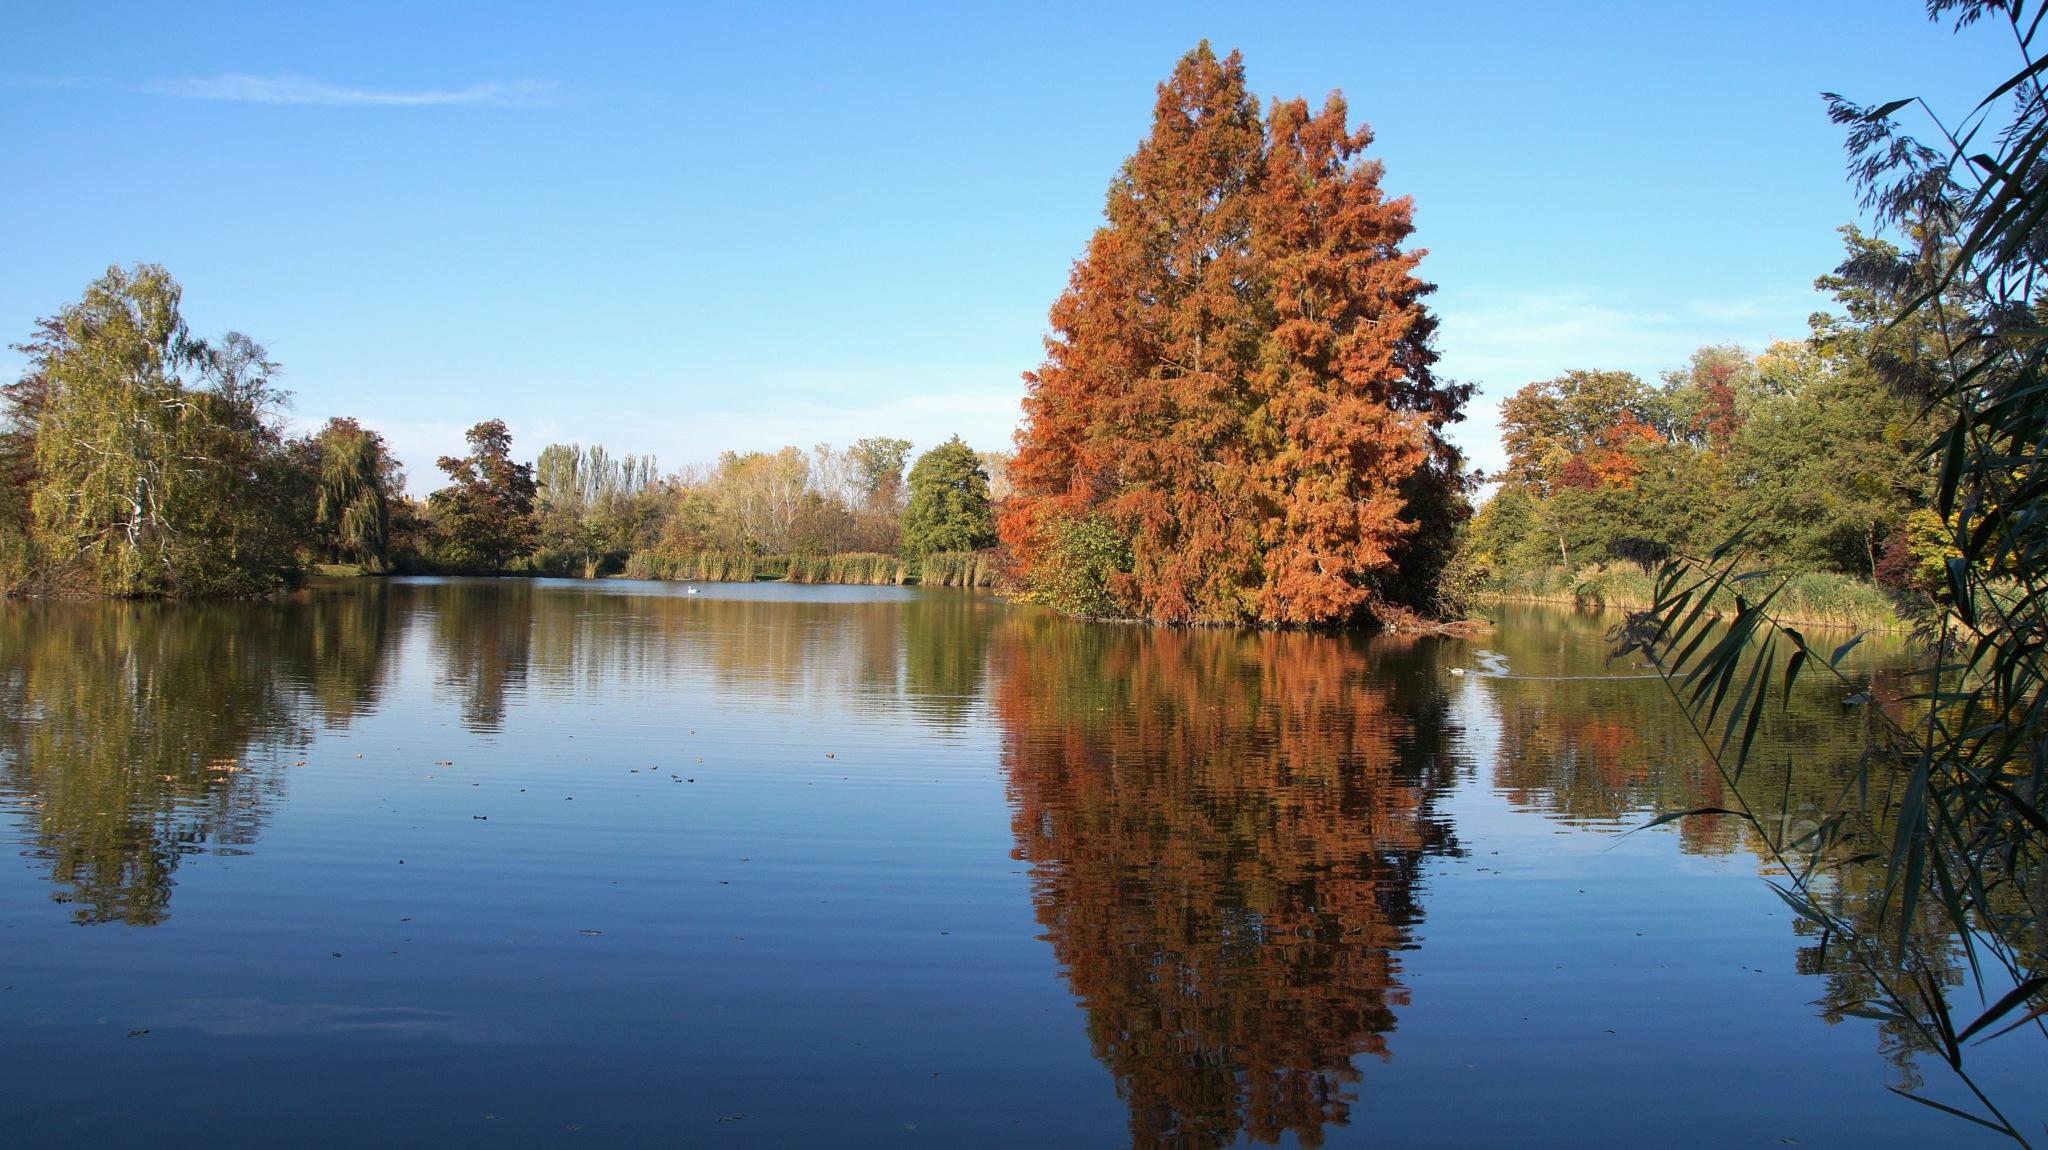 Oct.18, autumn in city park #2 by hunyadigeza